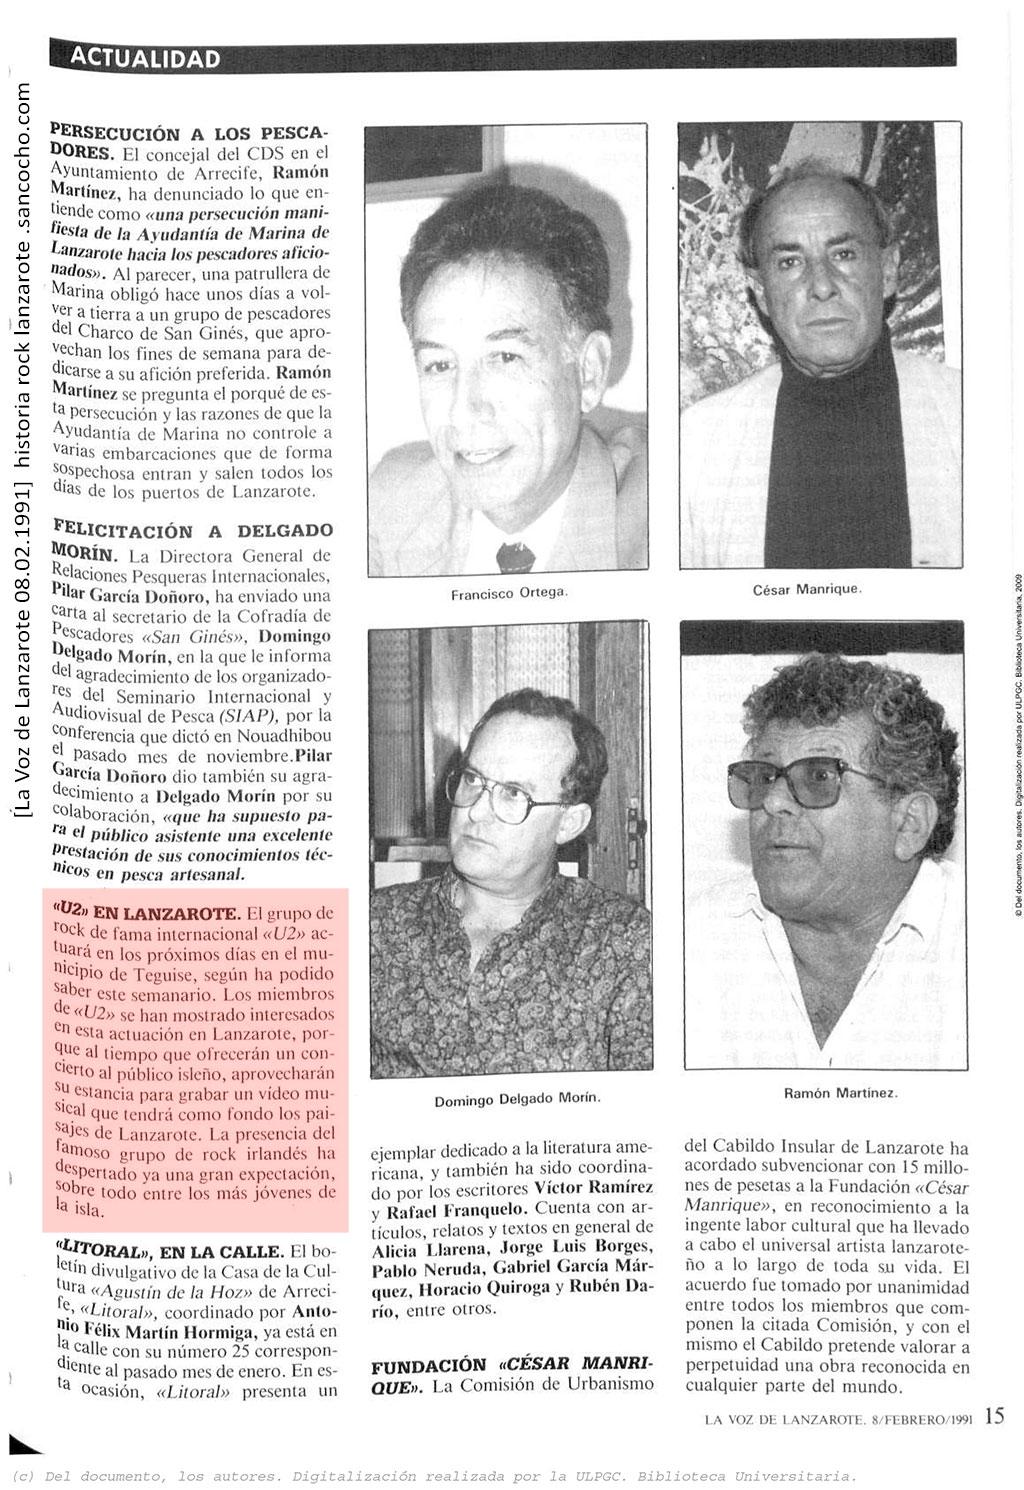 La Voz de Lanzarote 08.02.1991